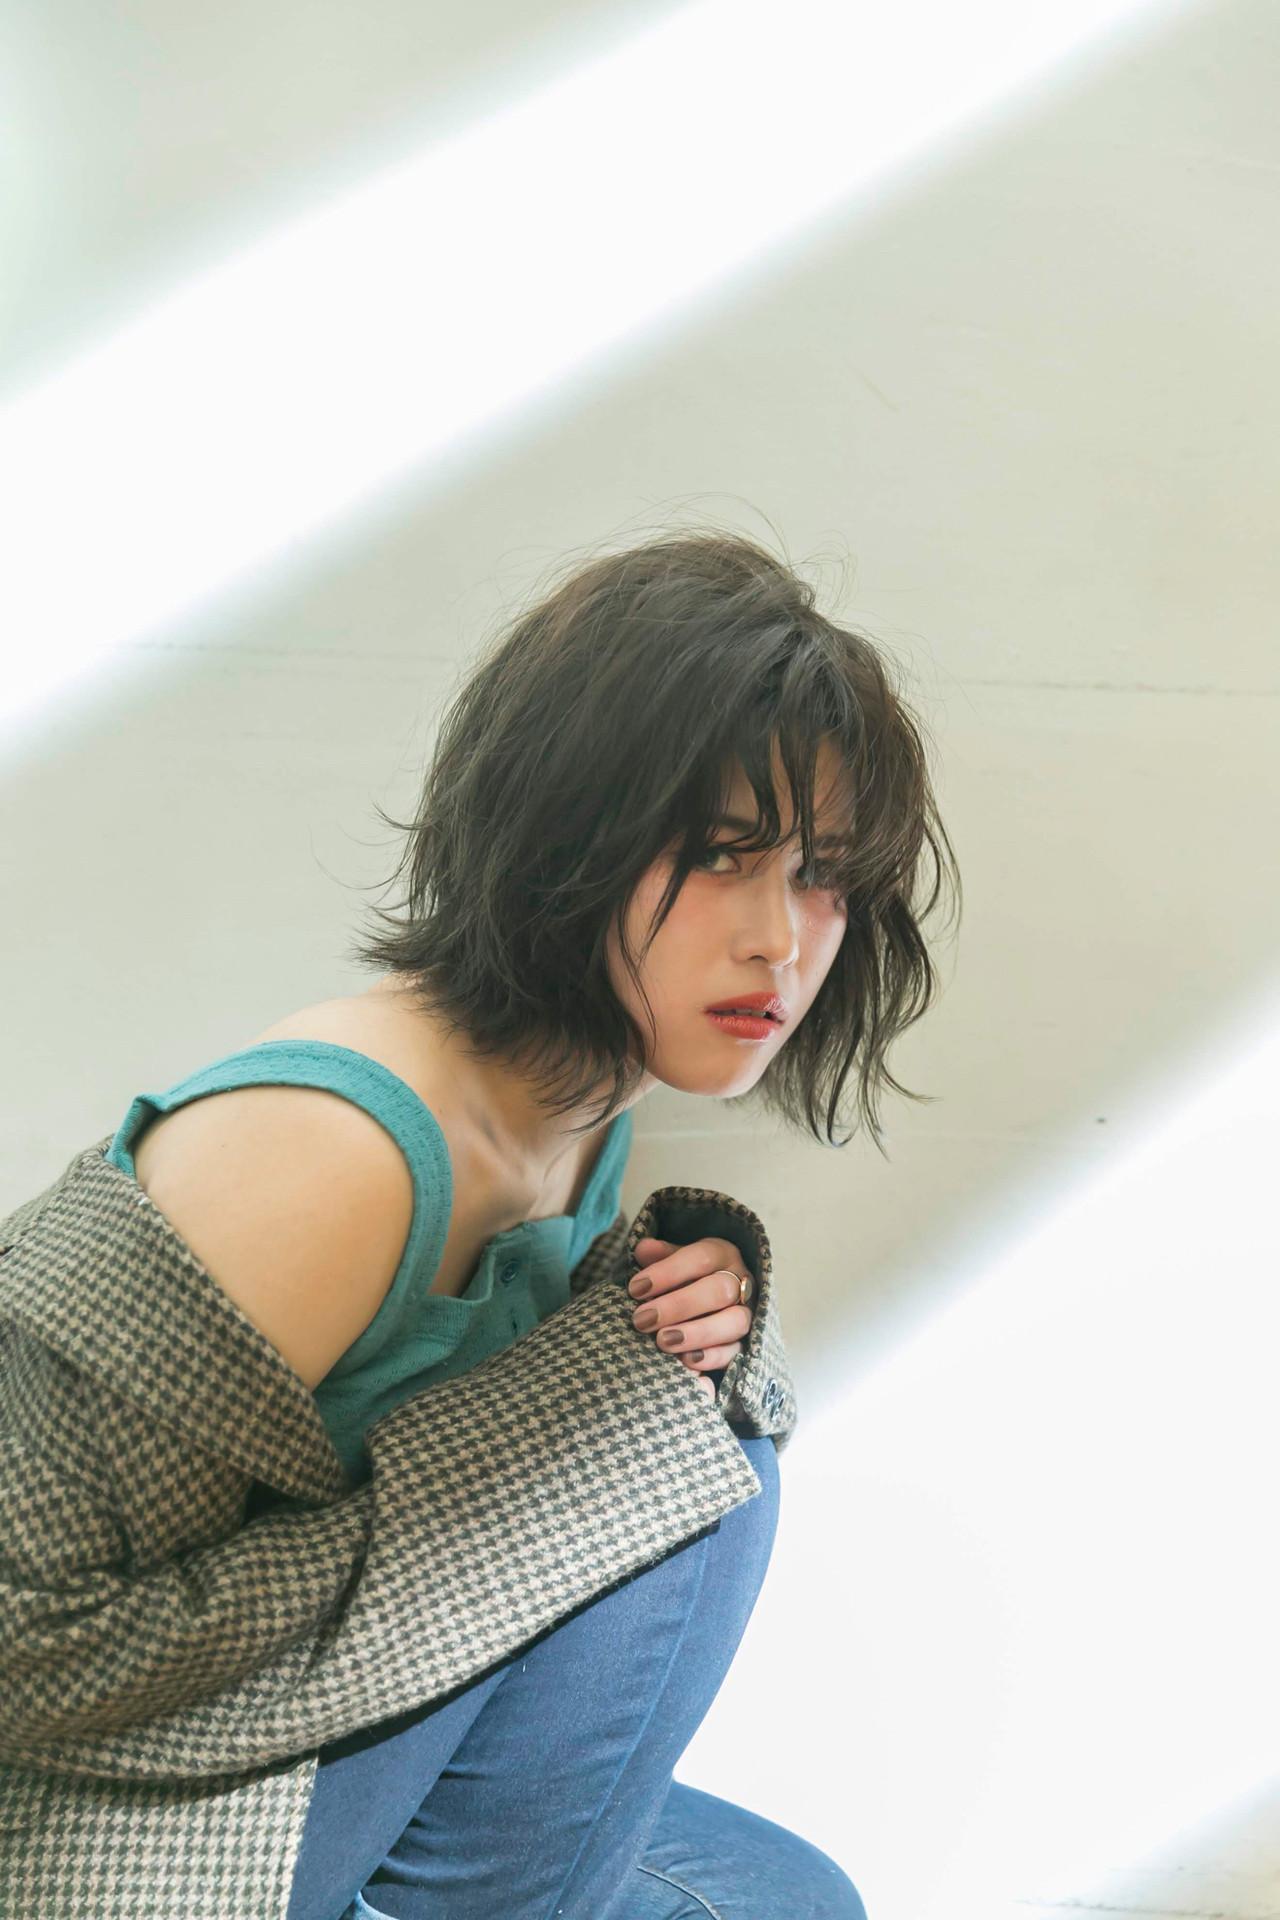 アンニュイほつれヘア 外ハネボブ ナチュラル 切りっぱなしボブ ヘアスタイルや髪型の写真・画像